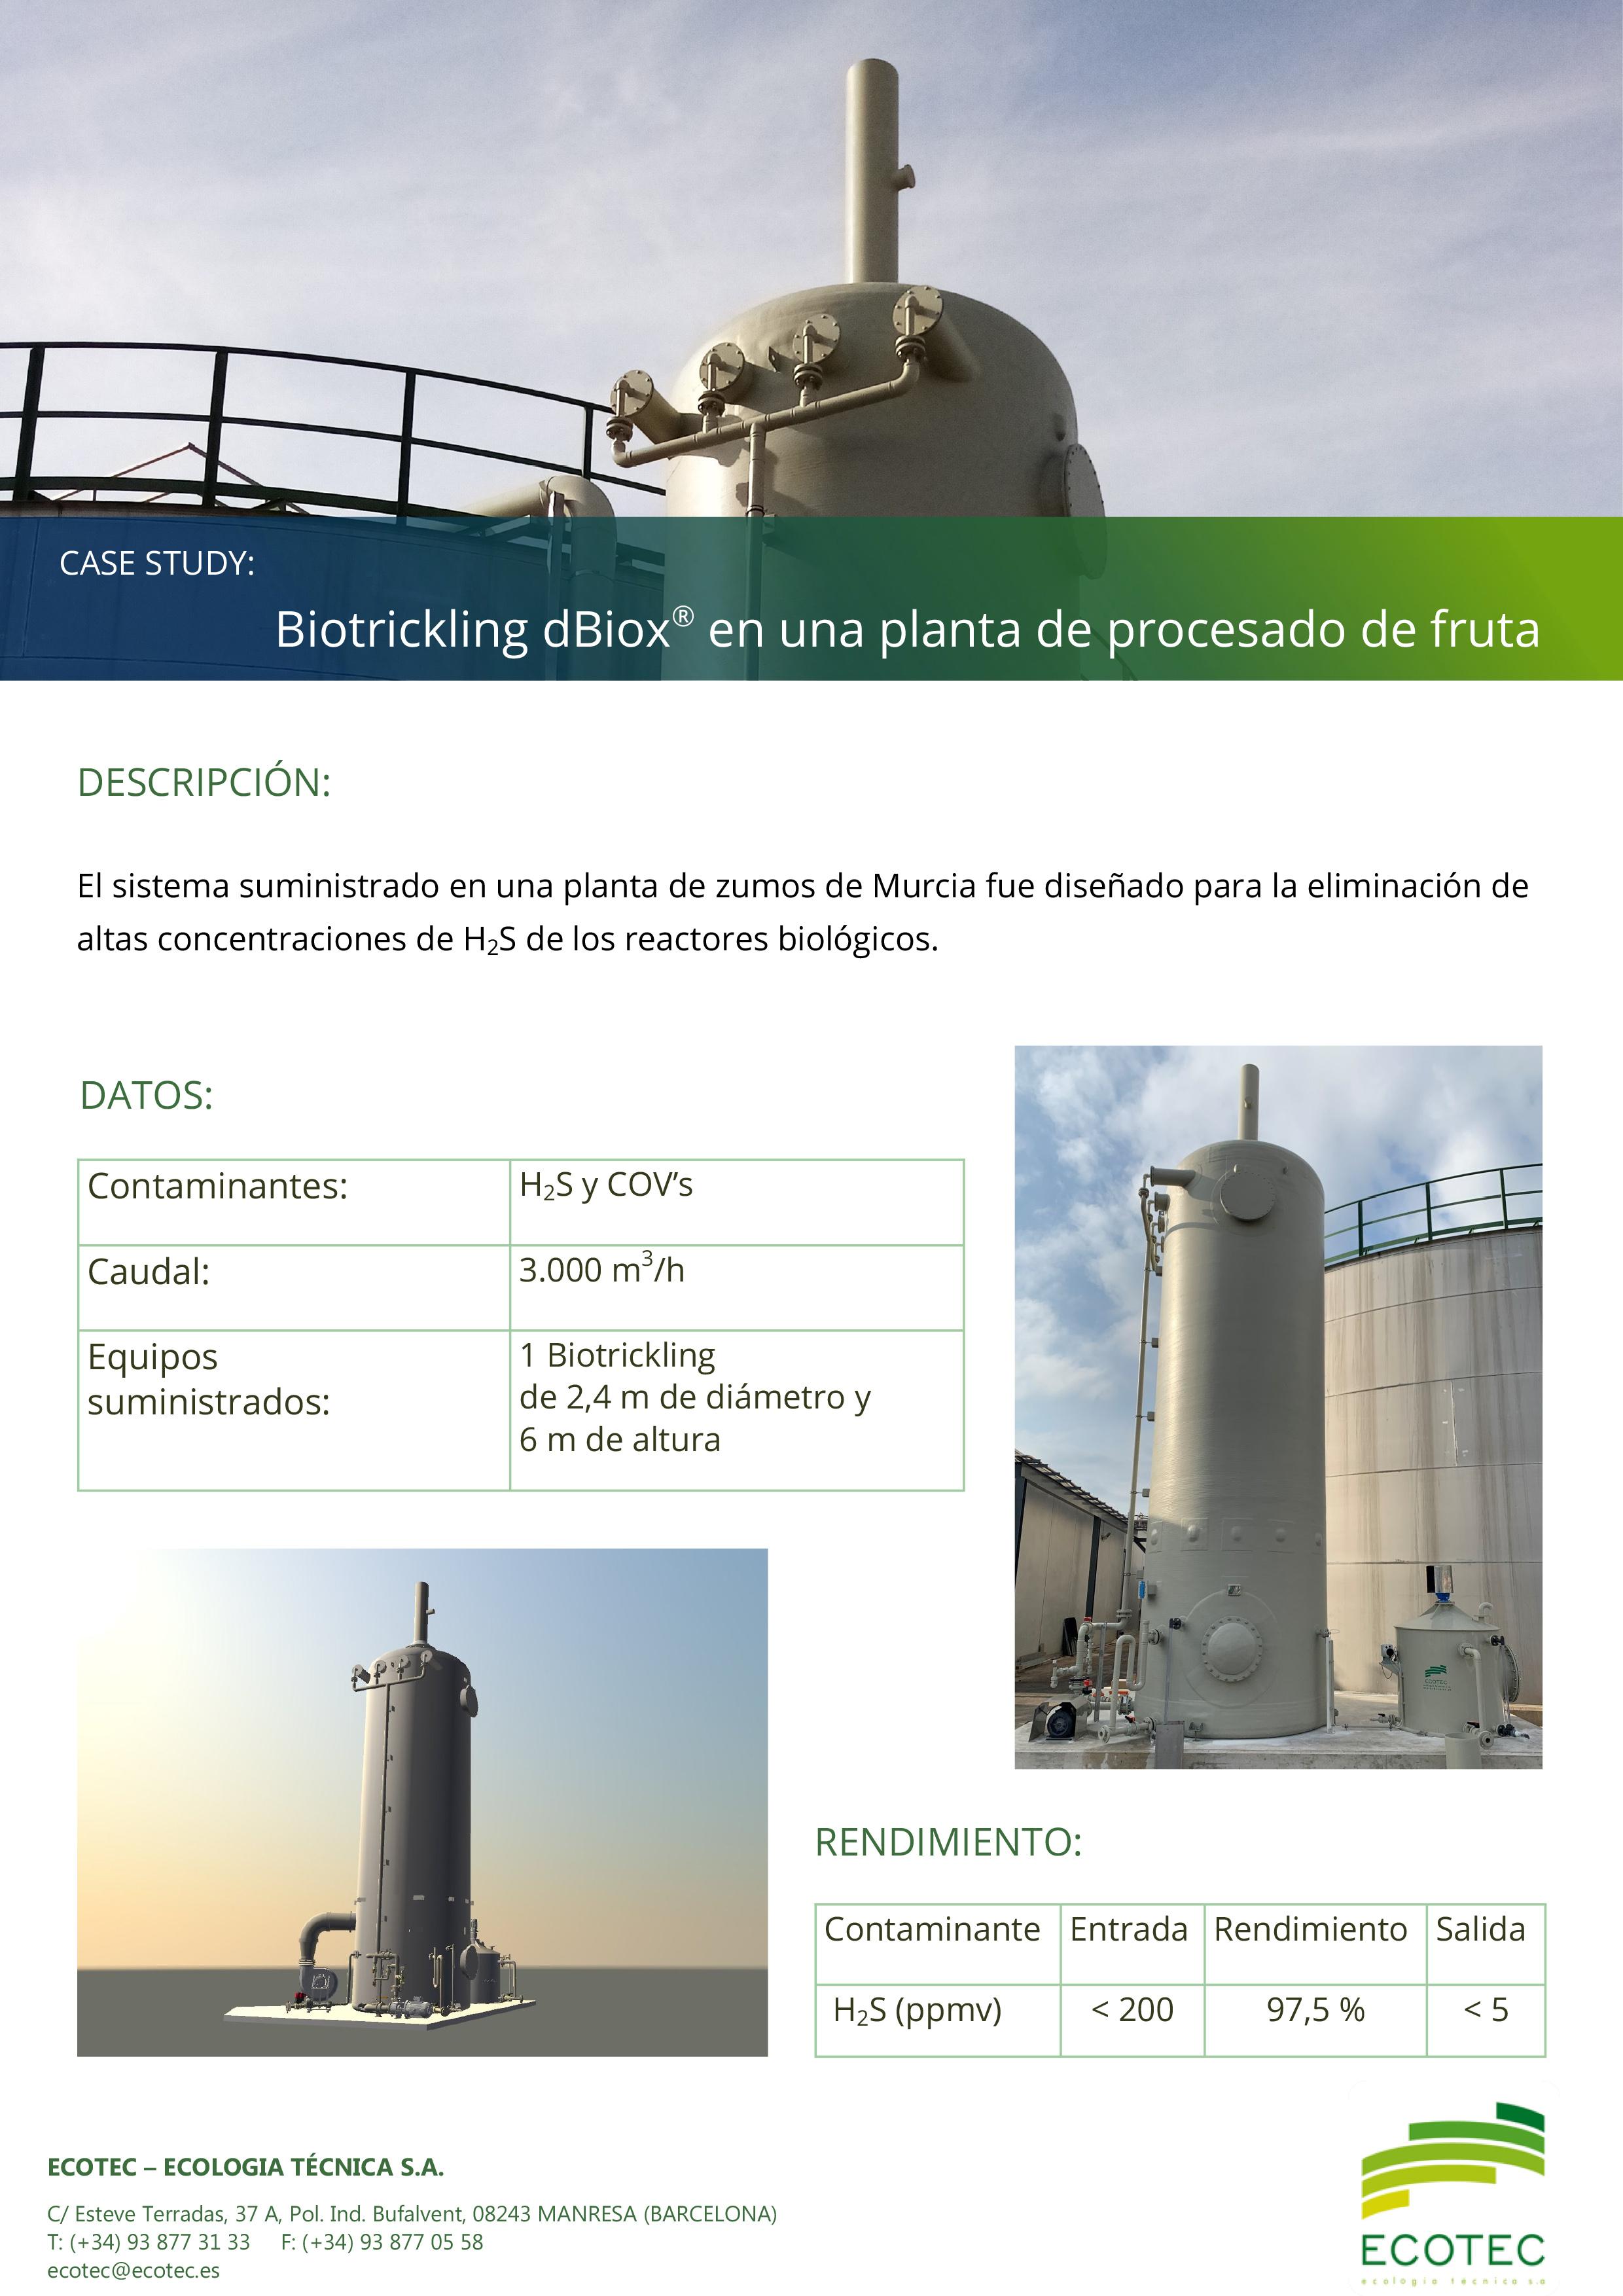 Biotrickling dBiox procesado fruta Murcia